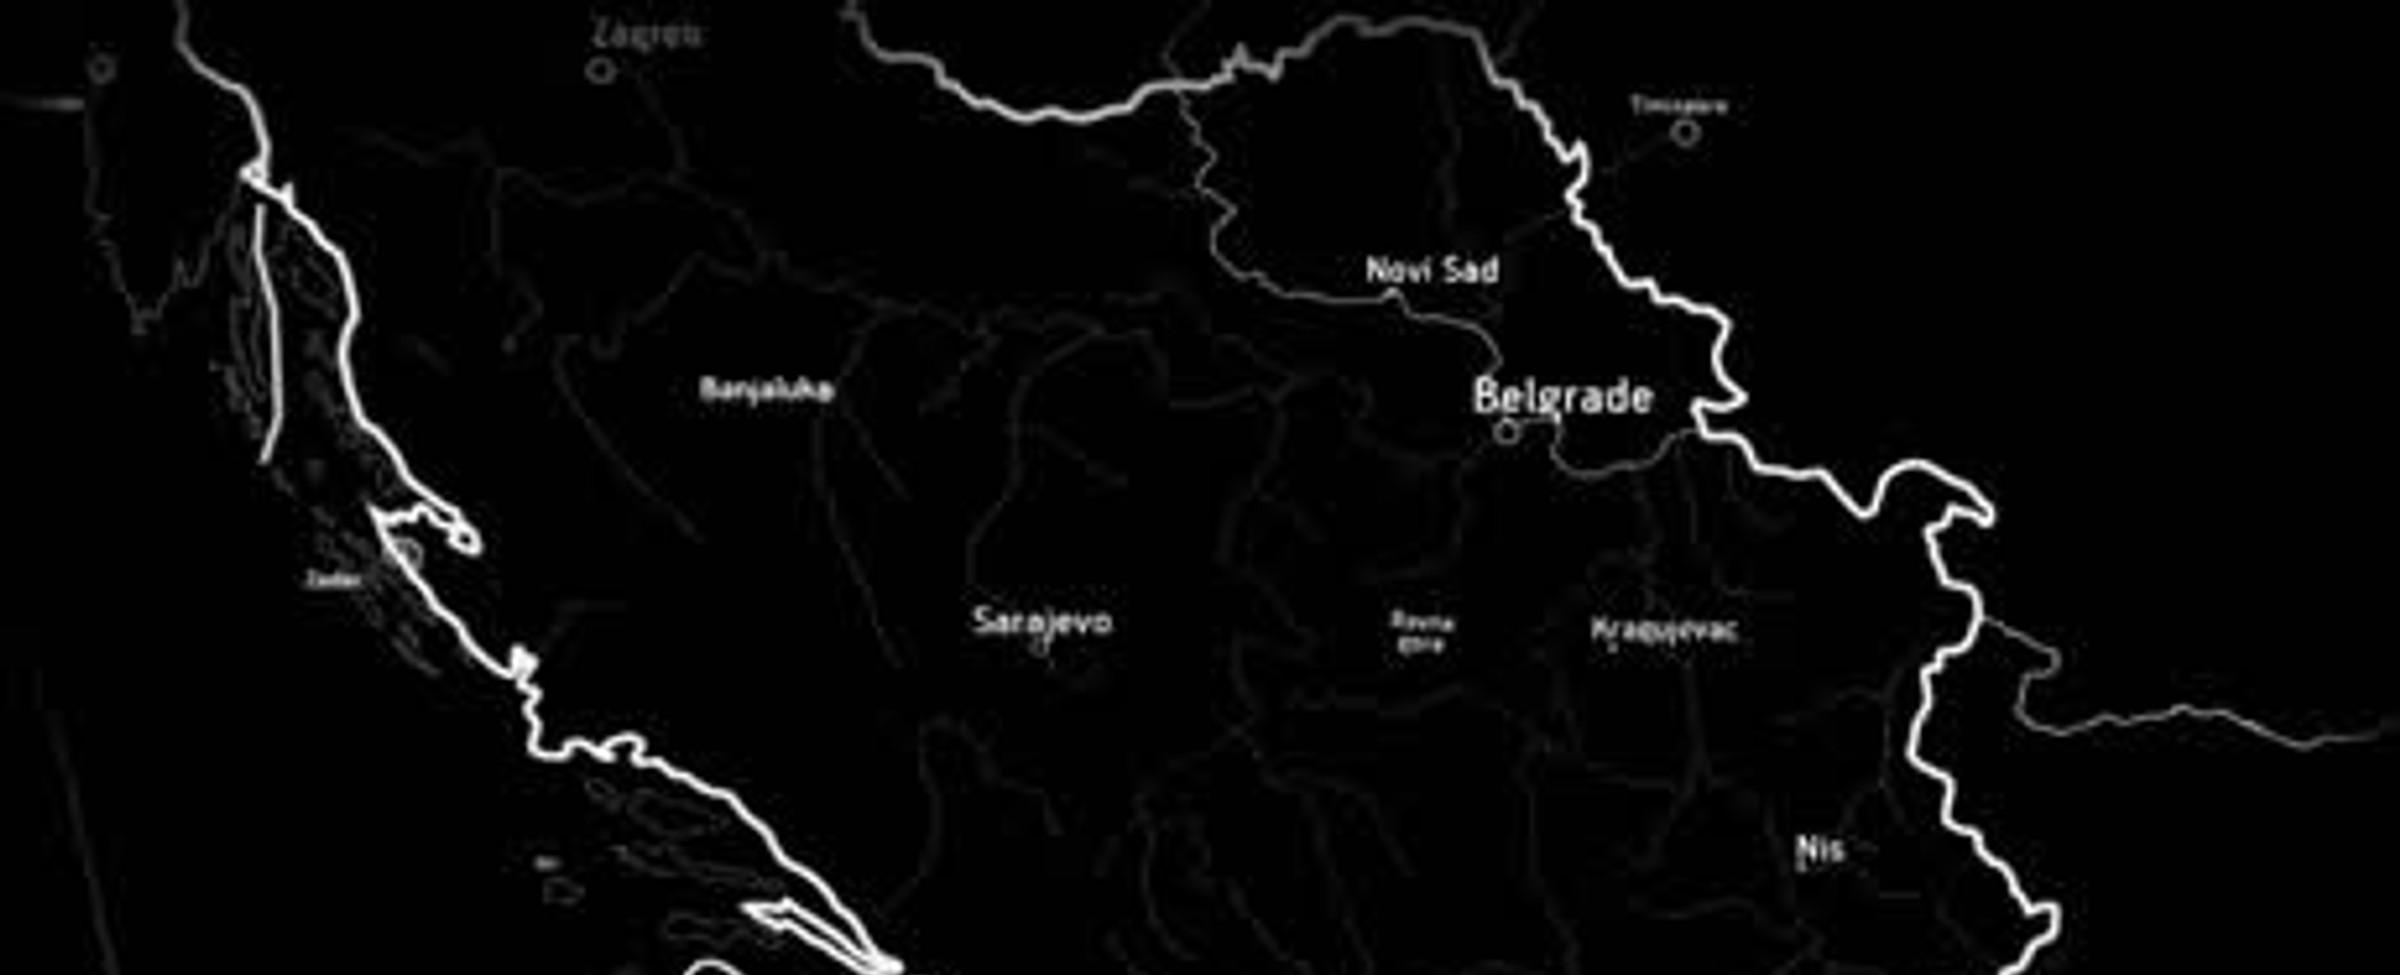 Království Jugoslávie ve druhé světové válce